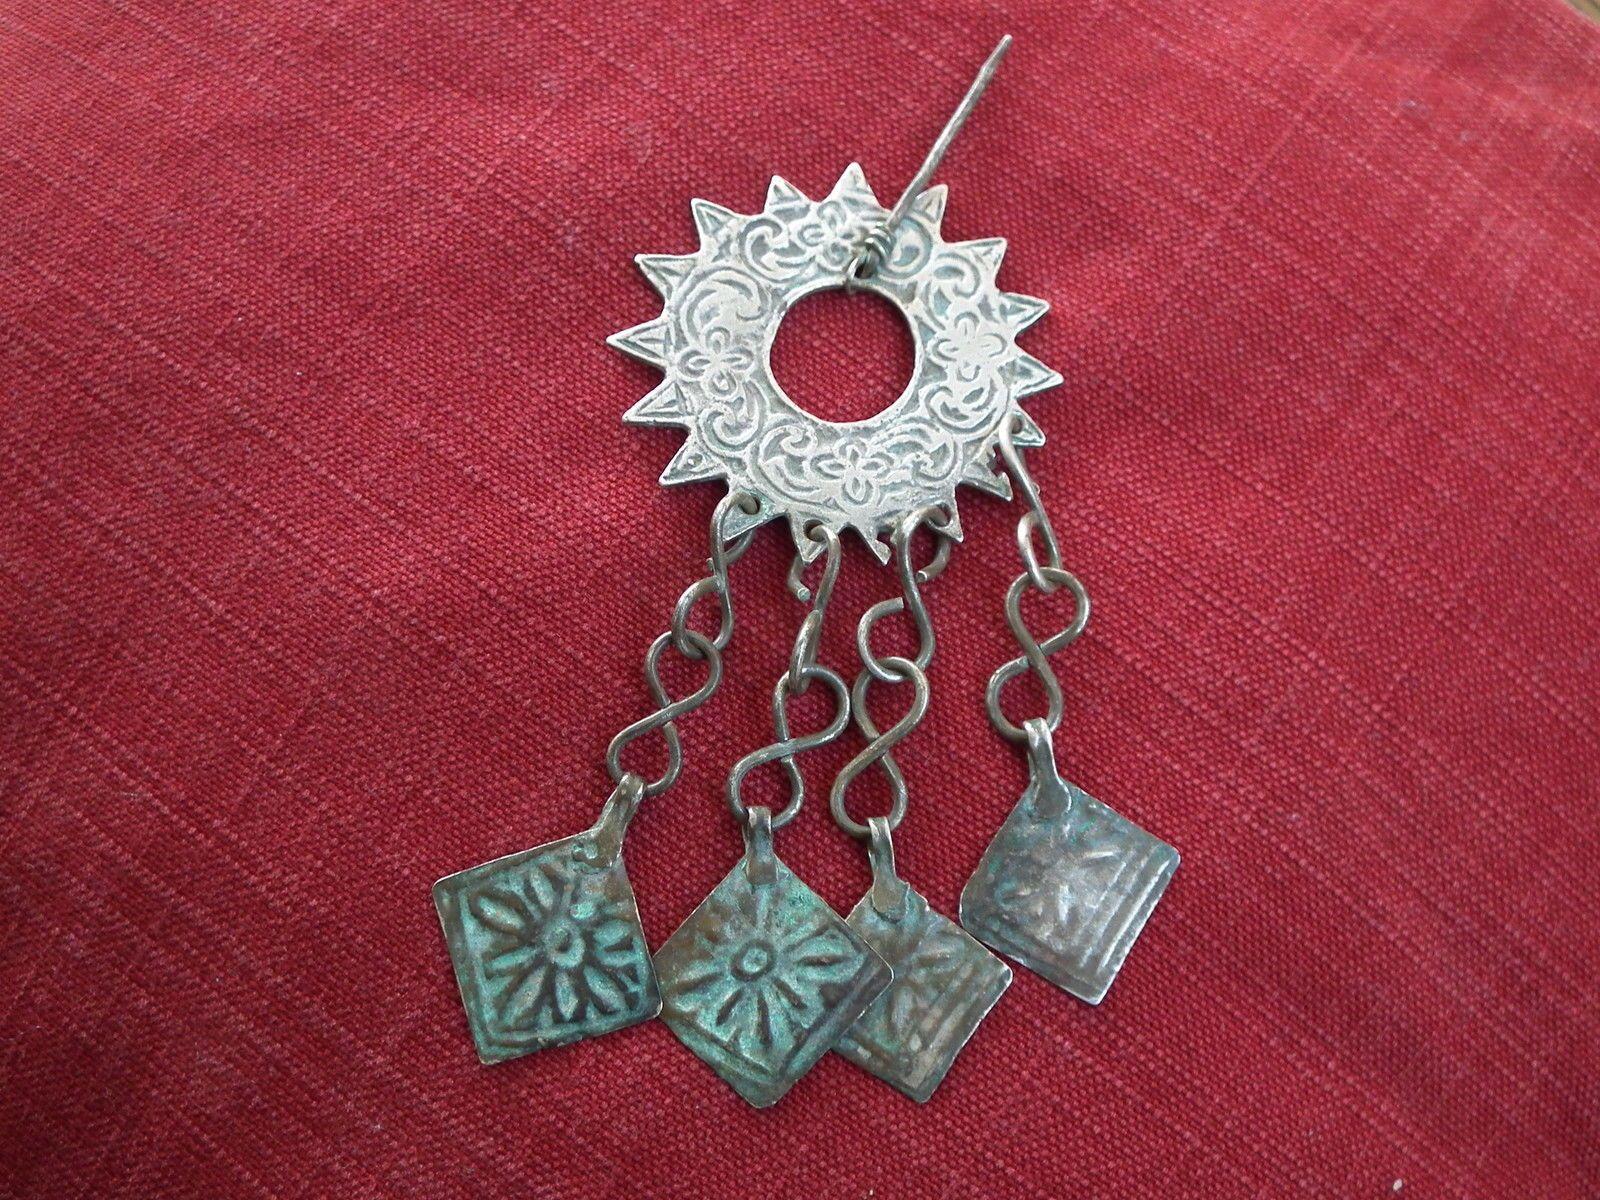 9a9a97a1a66f bijoux anciens Maroc . rare et ancienne fibule poinçonnée en argent